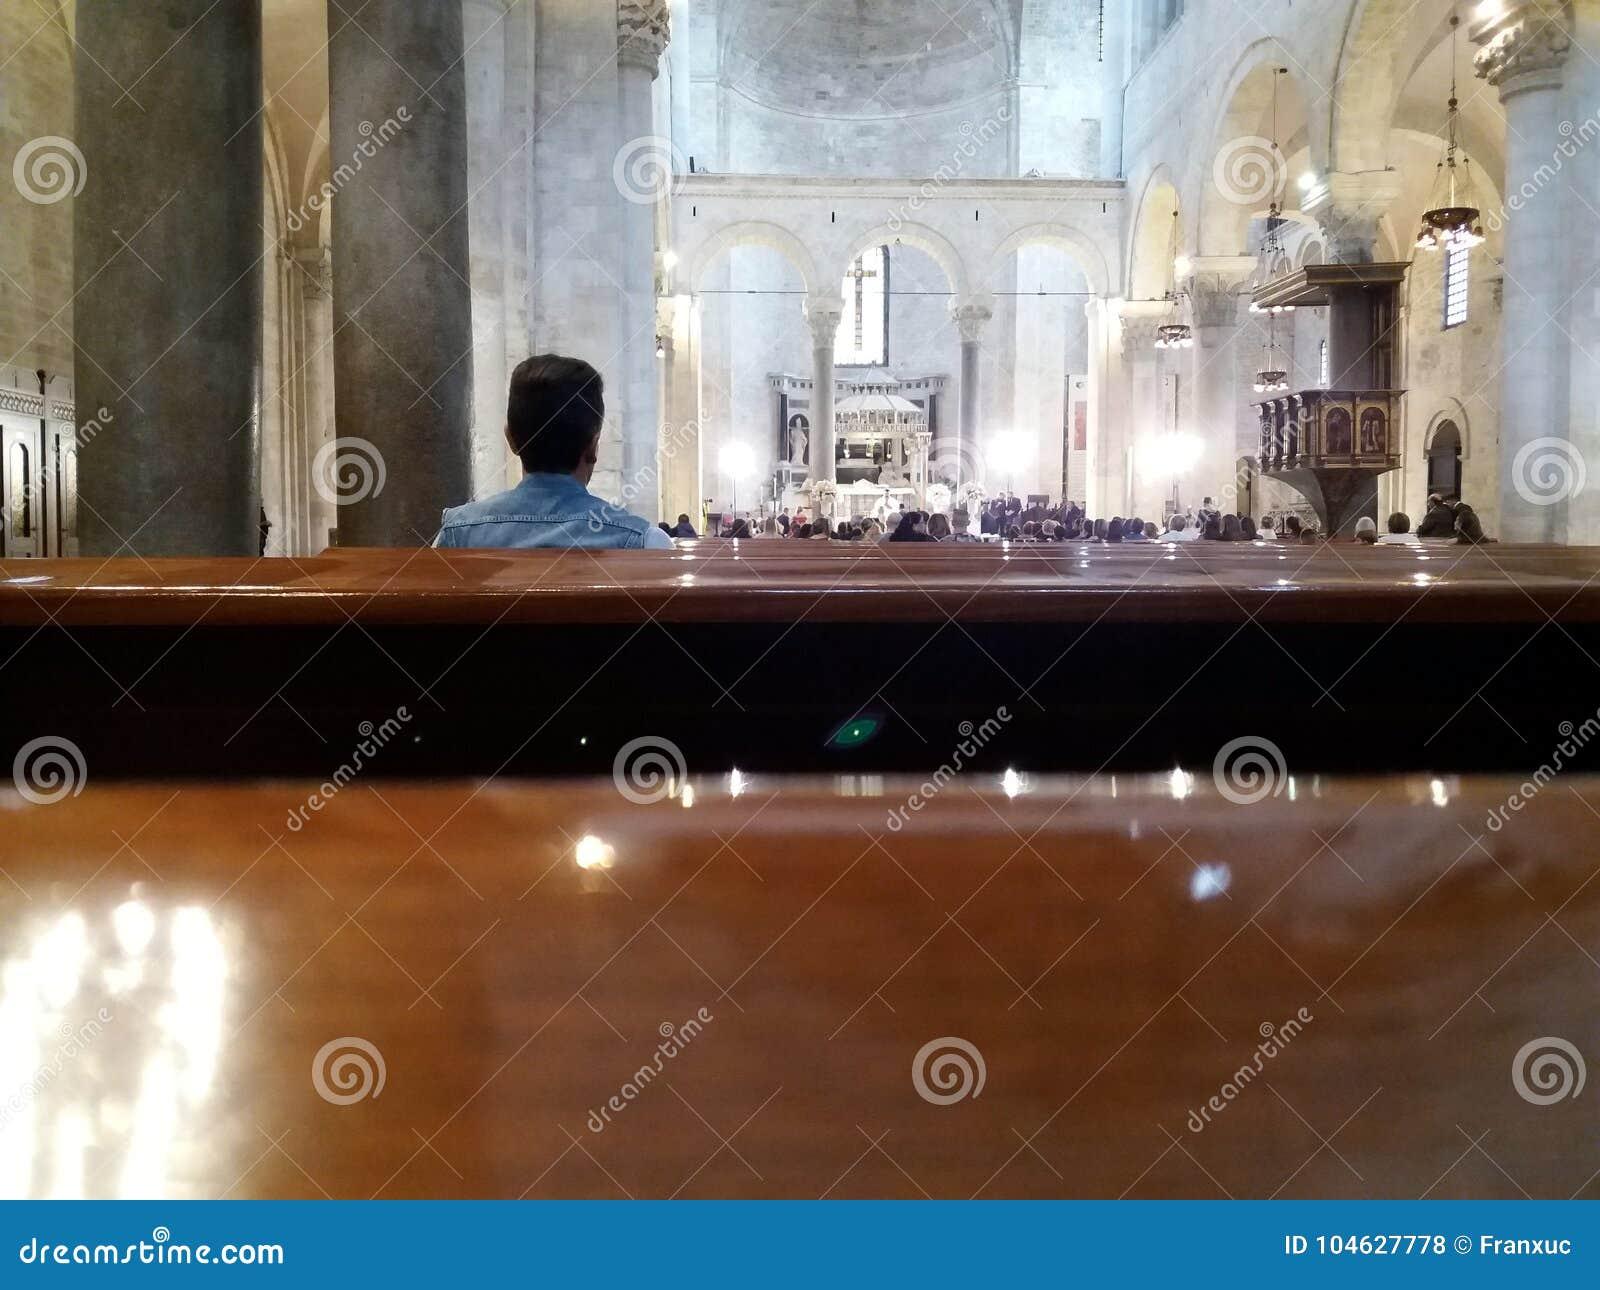 Download Bari, Zuid-Italië, Basiliek Van San Nicolas, 29-09-2017: Echtpaar Om Kerkhuwelijk Te Vieren Redactionele Stock Foto - Afbeelding bestaande uit bari, kathedraal: 104627778